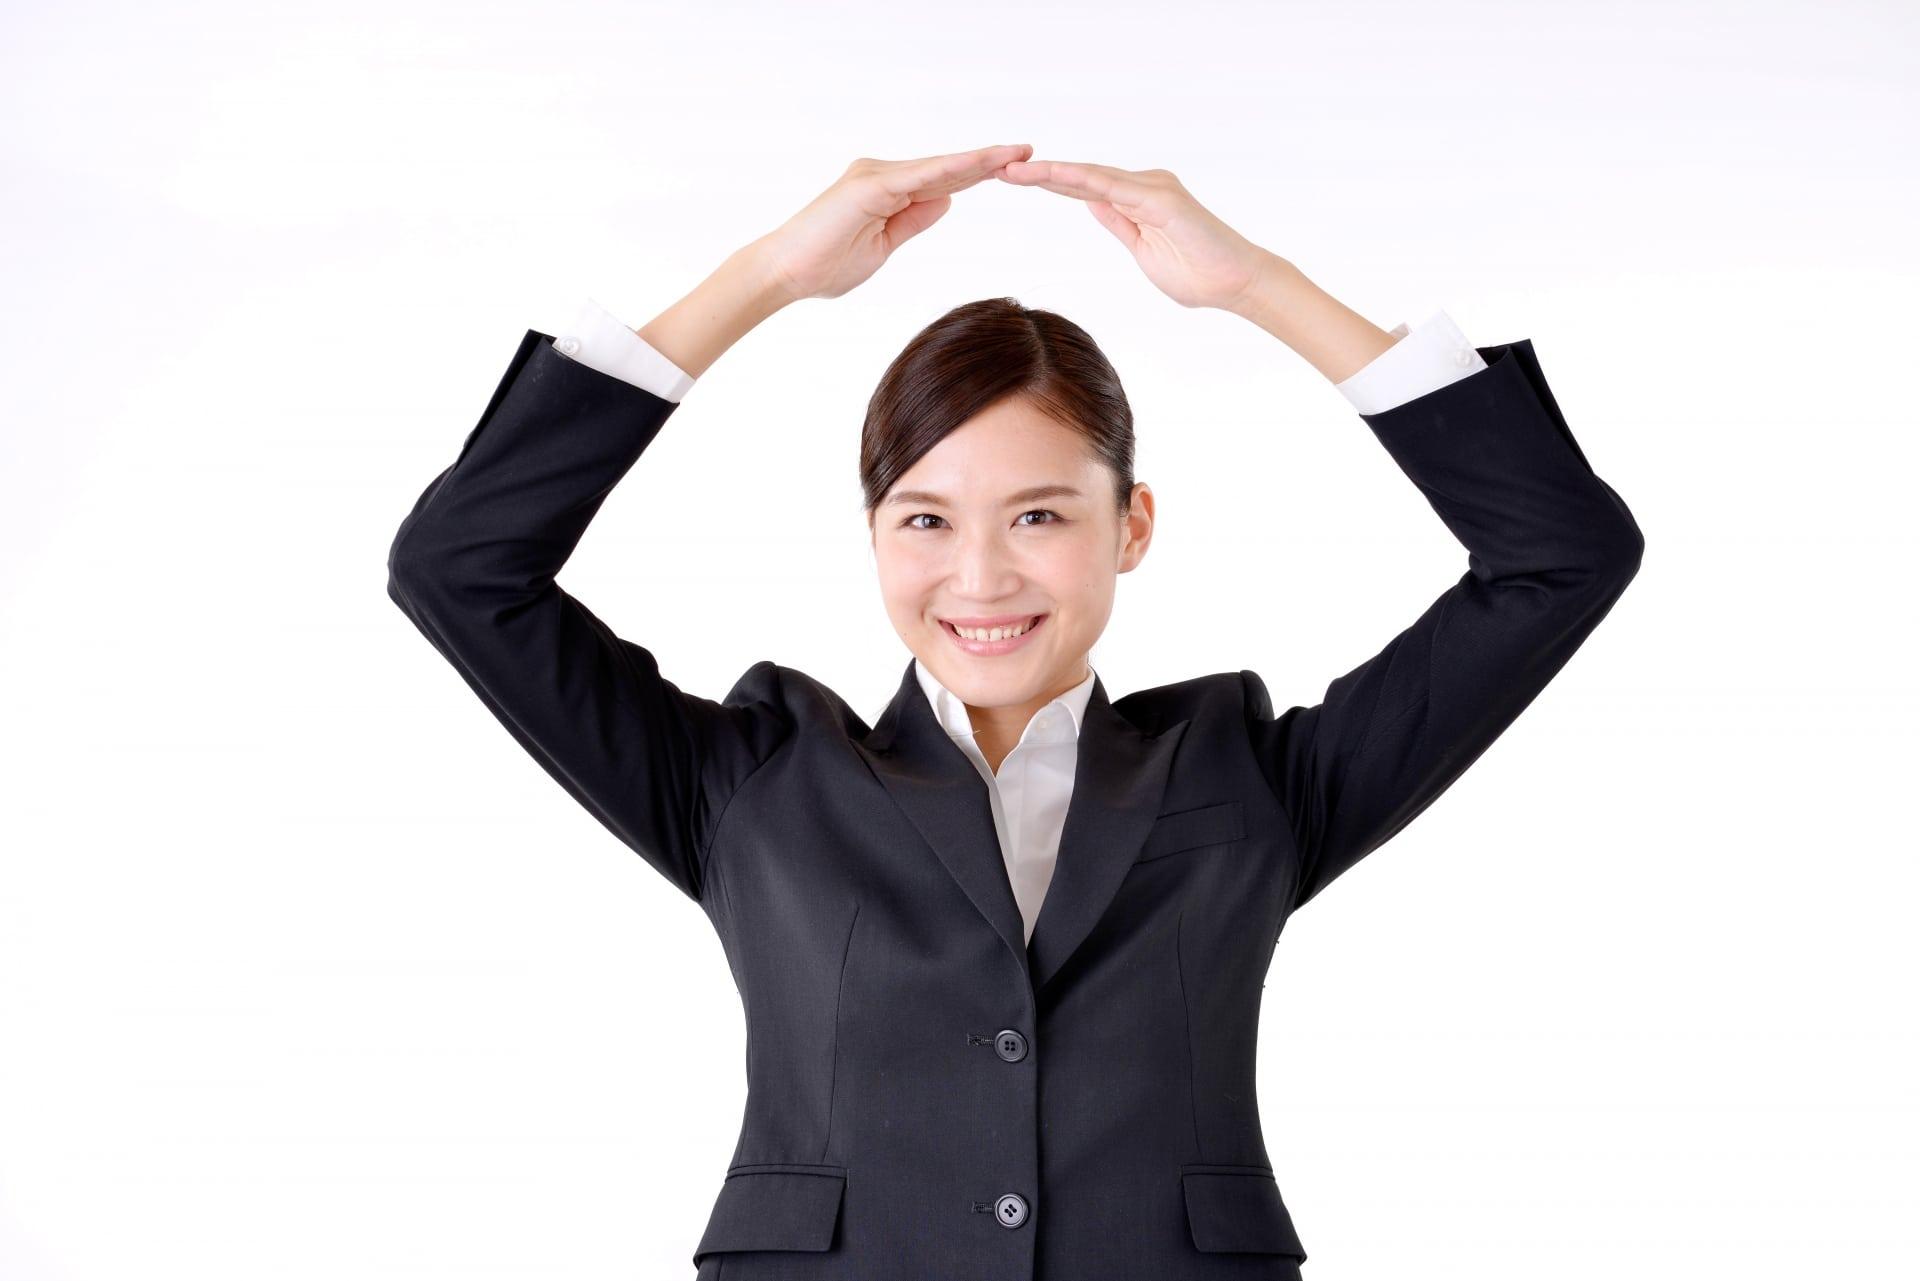 手で〇印をつくる女性